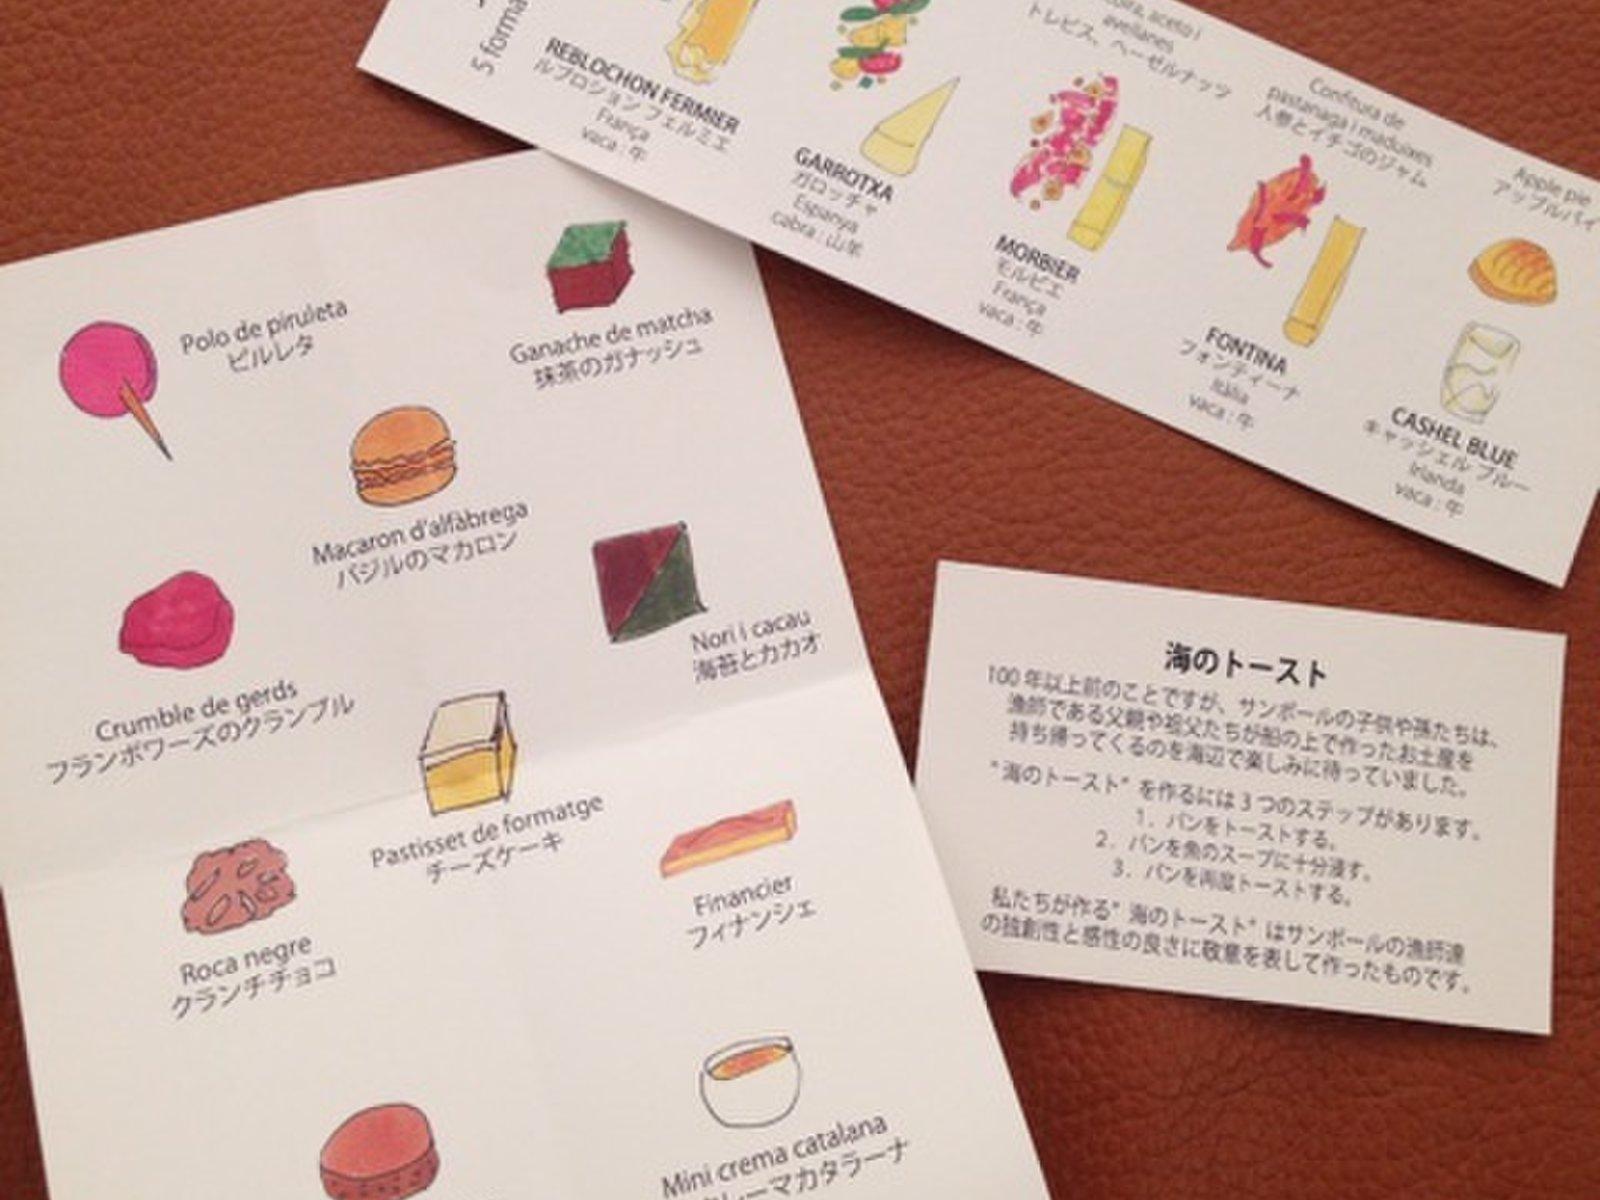 レストラン サンパウ (RESTAURANT SANT PAU)